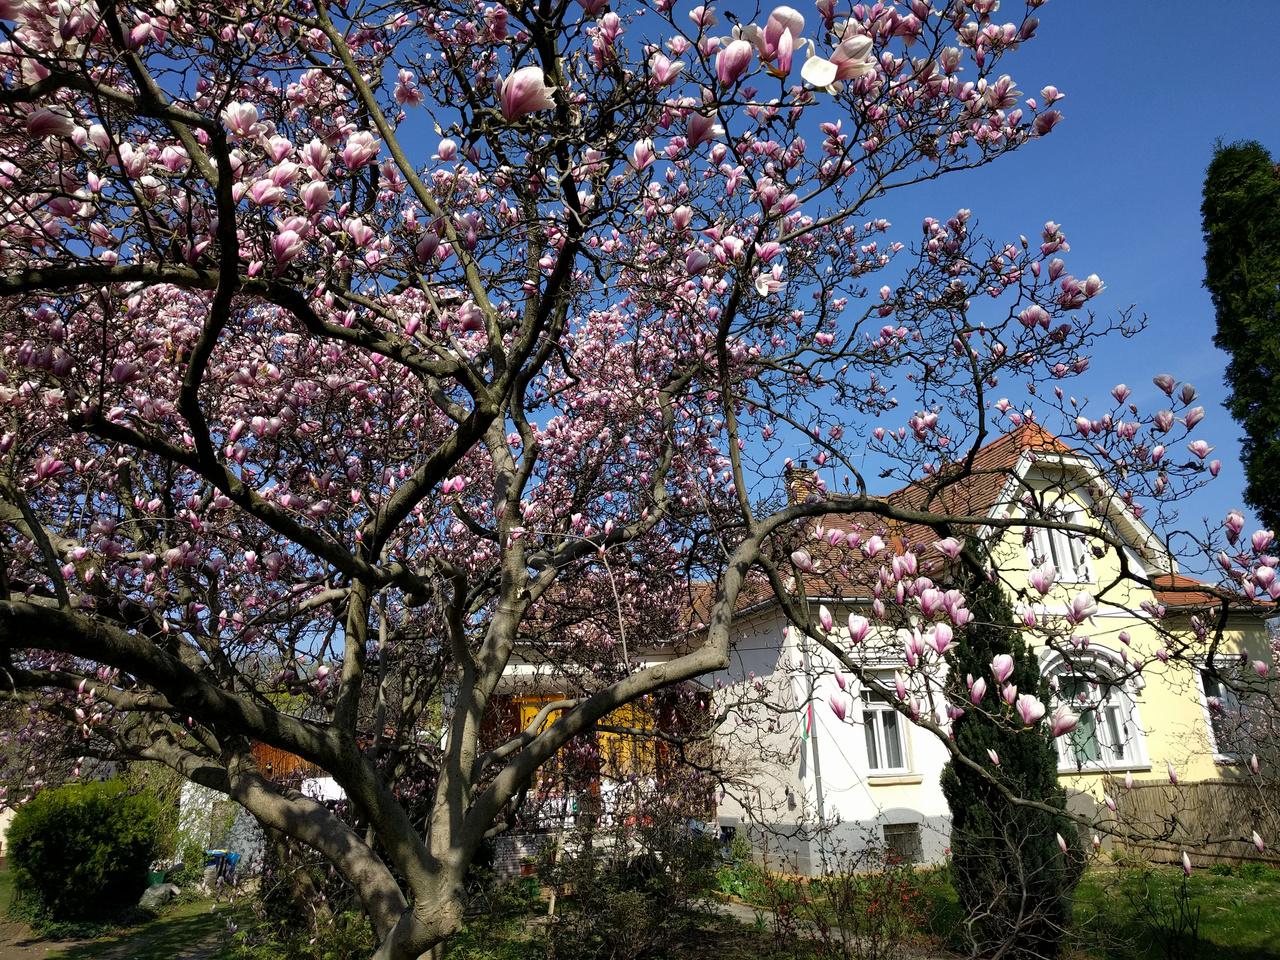 A liliomfák csodálatosan szépek, de csak néhány napig virágoznak. Amikor kedden végigjártam őket, a legtöbbjük bimbói még ki sem nyíltak, pénteken sokuk már hullatta a szirmát. Itt a Petúnia utca egyik legszebb fája.